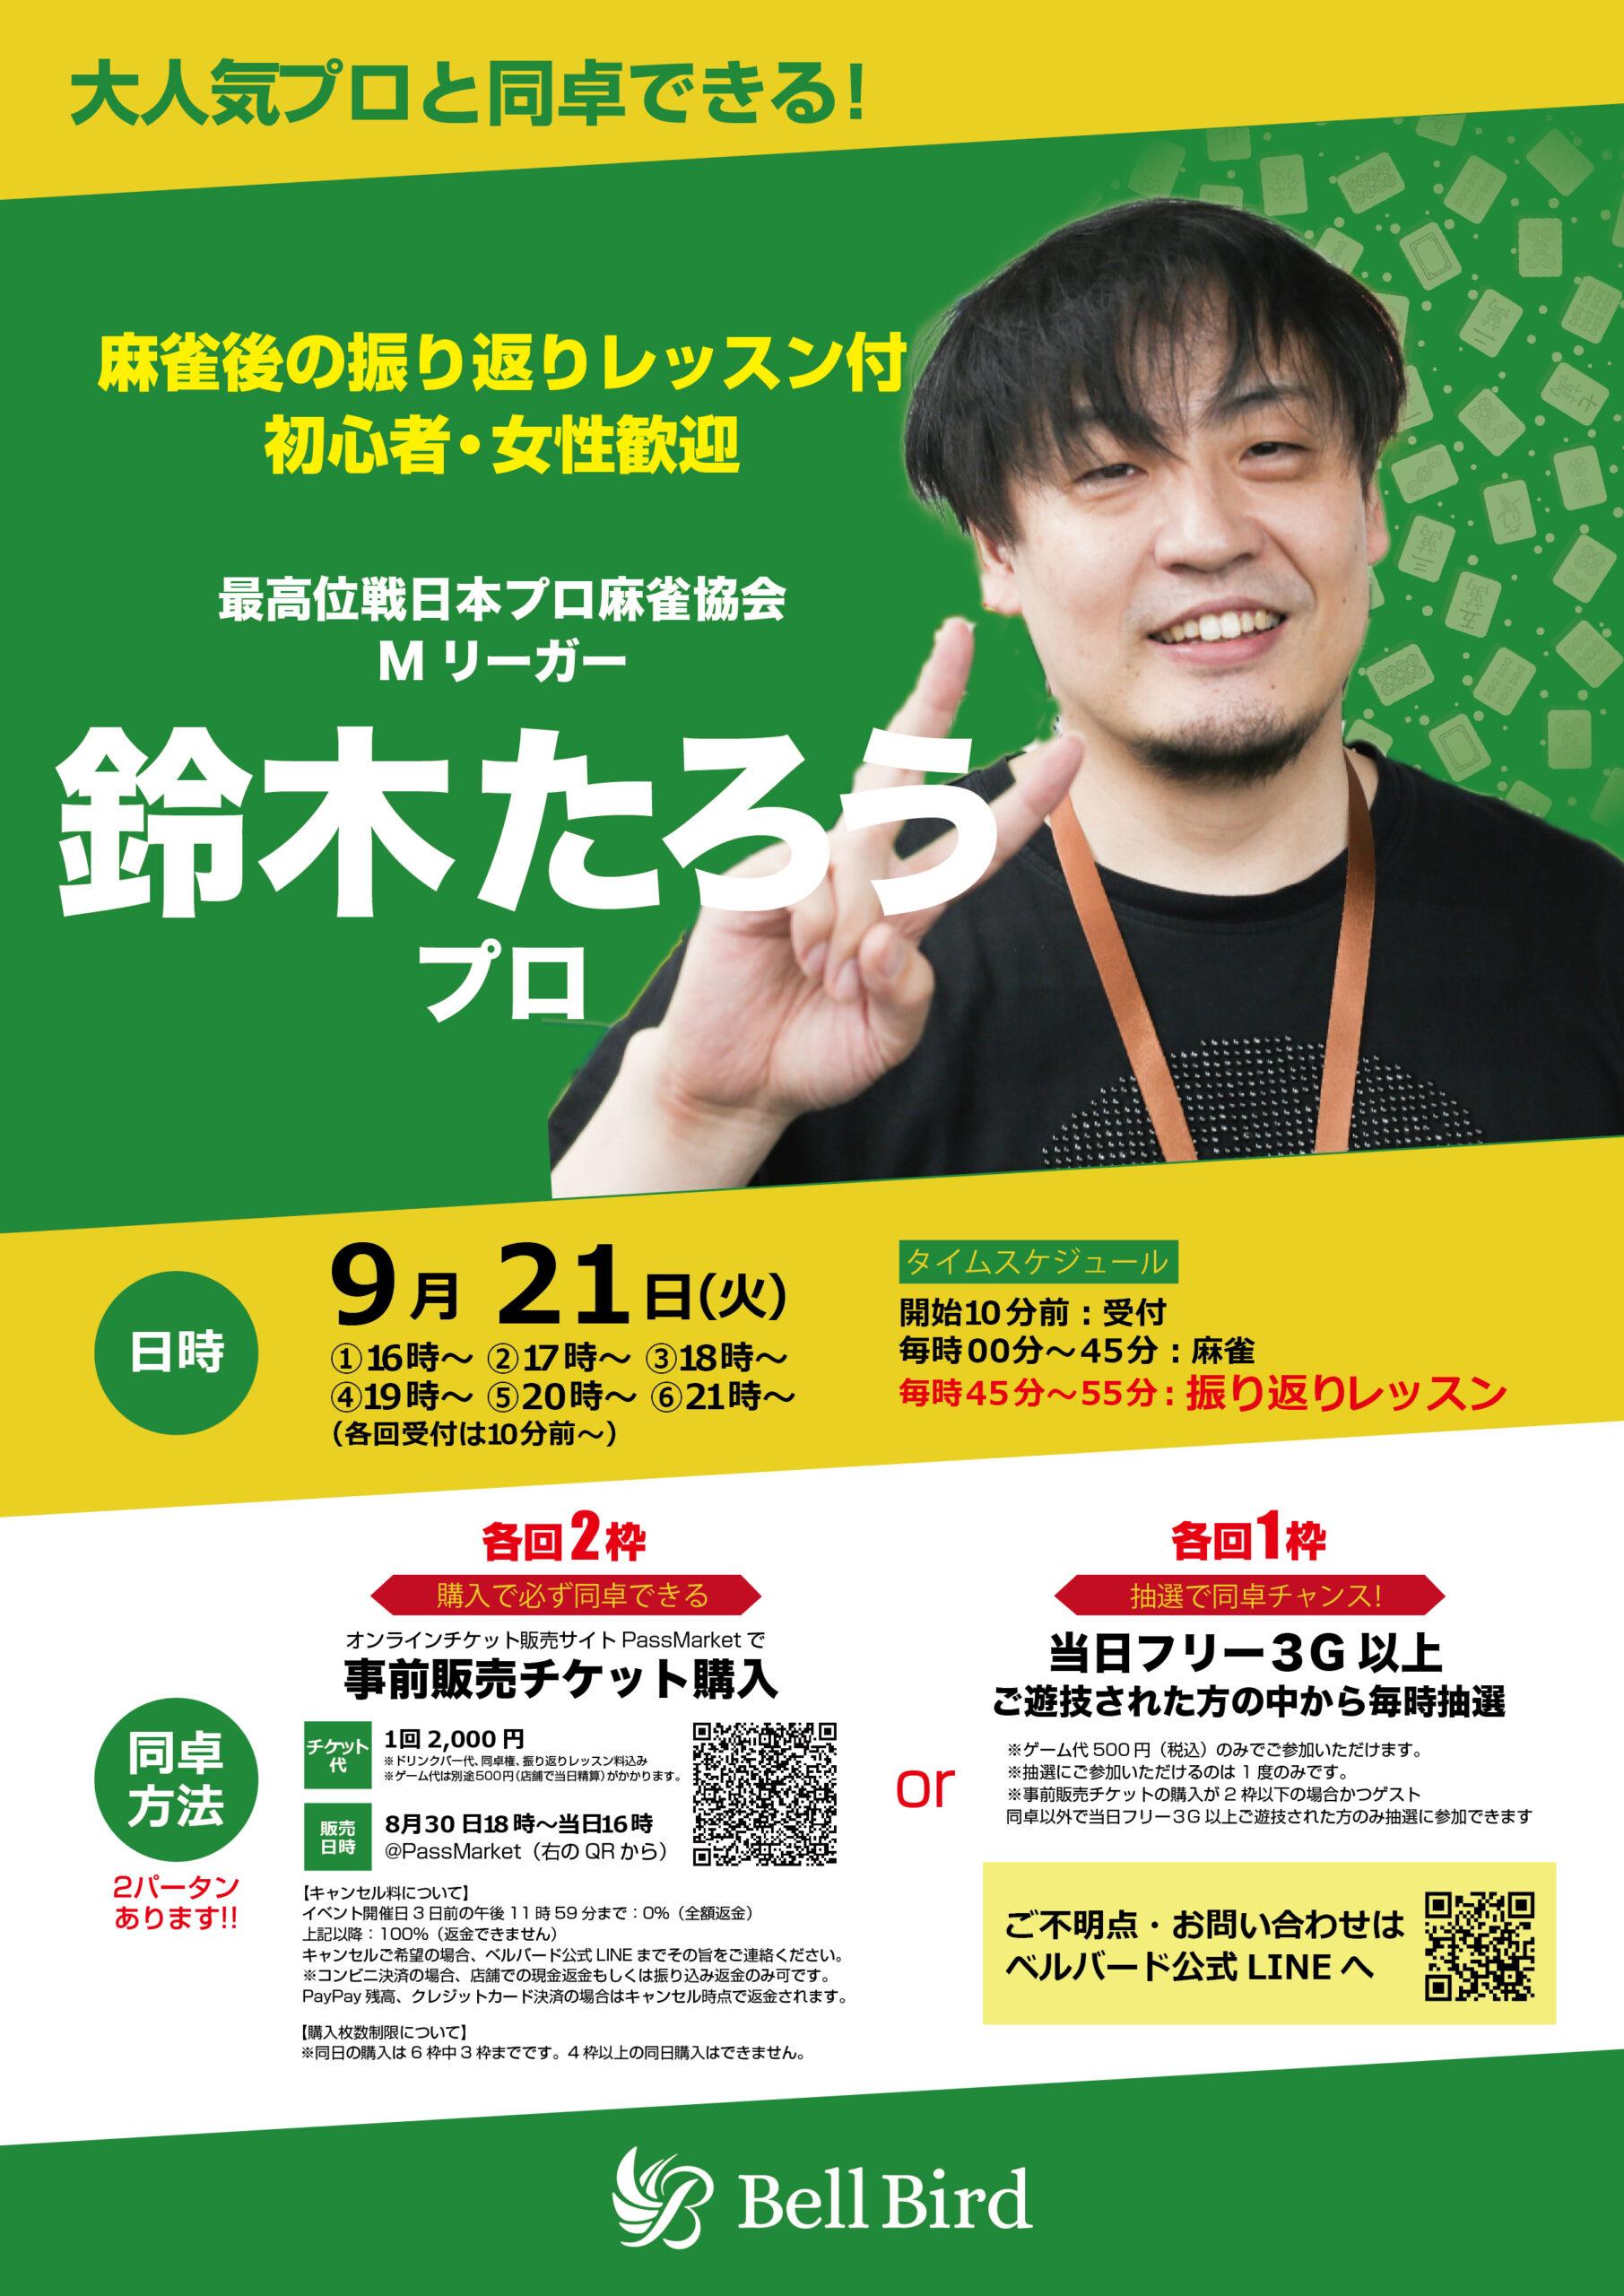 【ゲスト来店】鈴木たろうプロ9月21日(火)